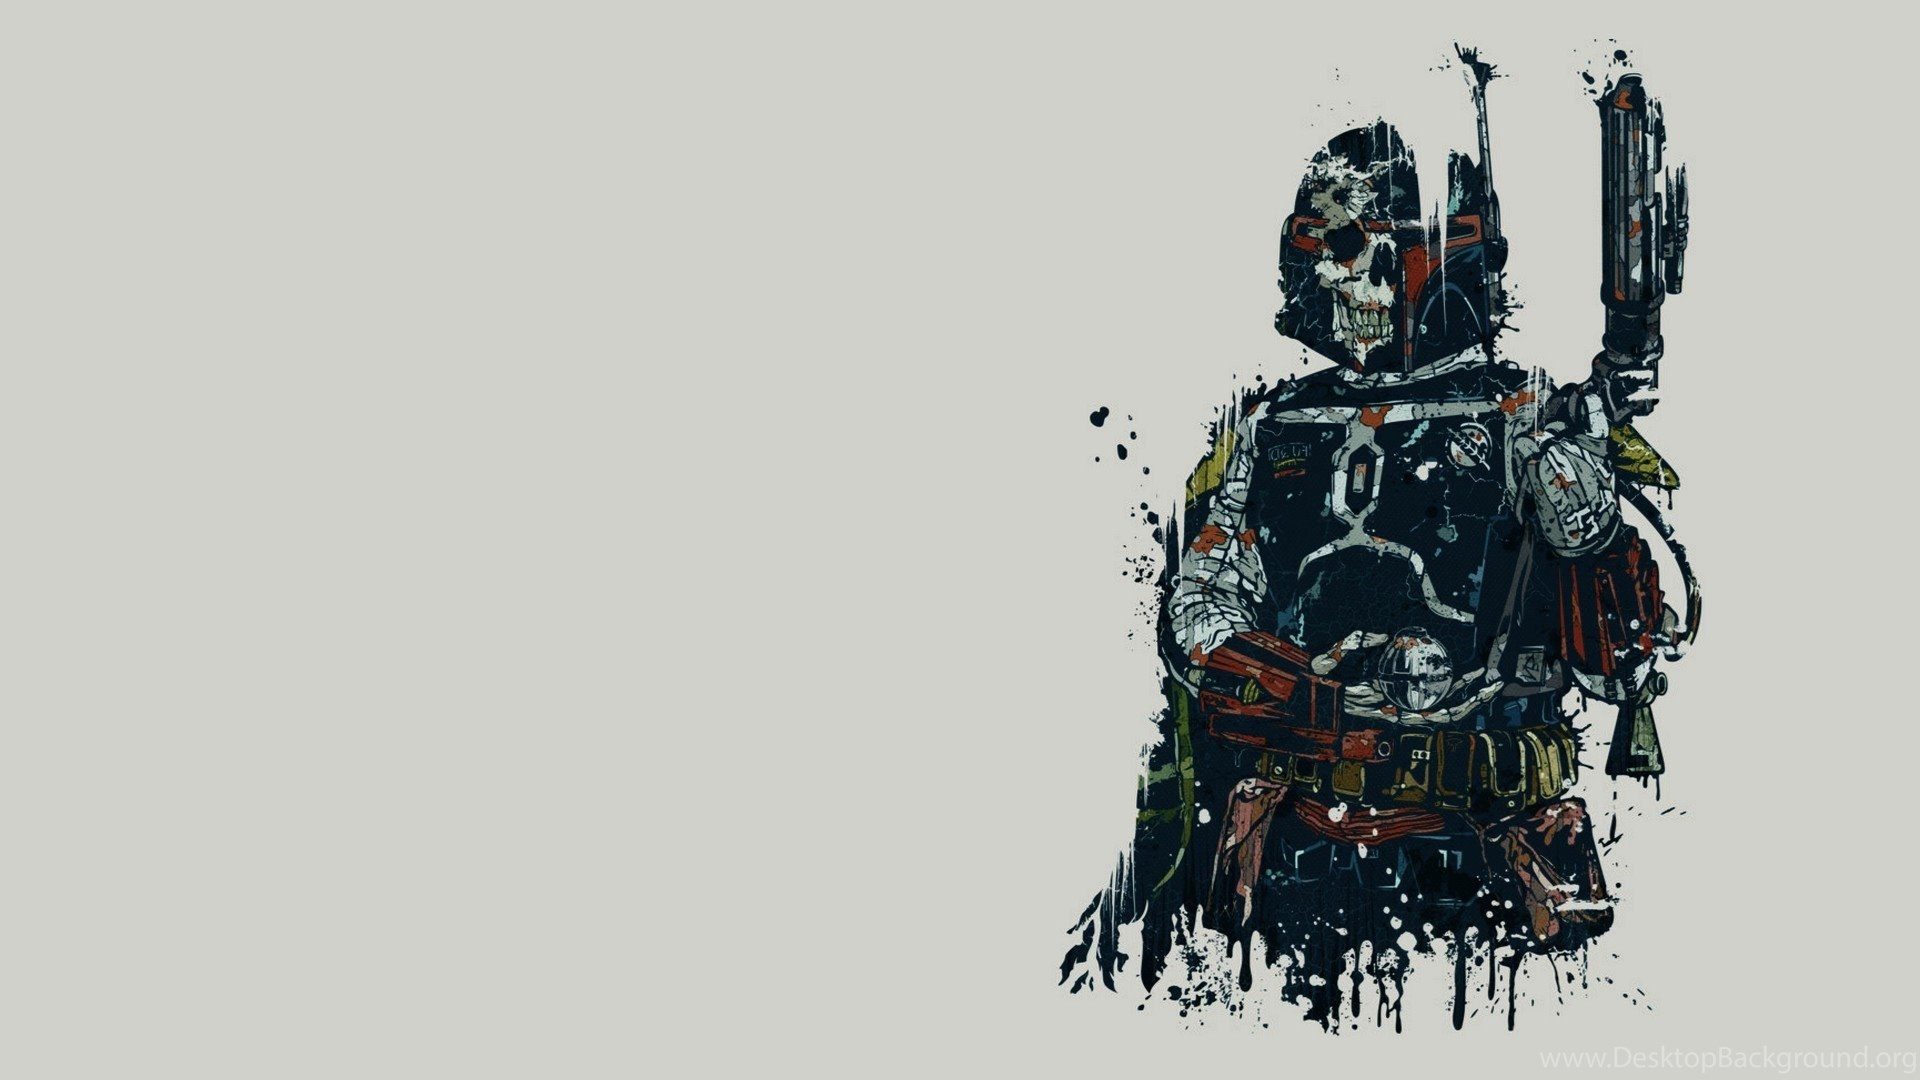 Boba Fett Star Wars Wallpapers Hd Desktop And Mobile Backgrounds Desktop Background